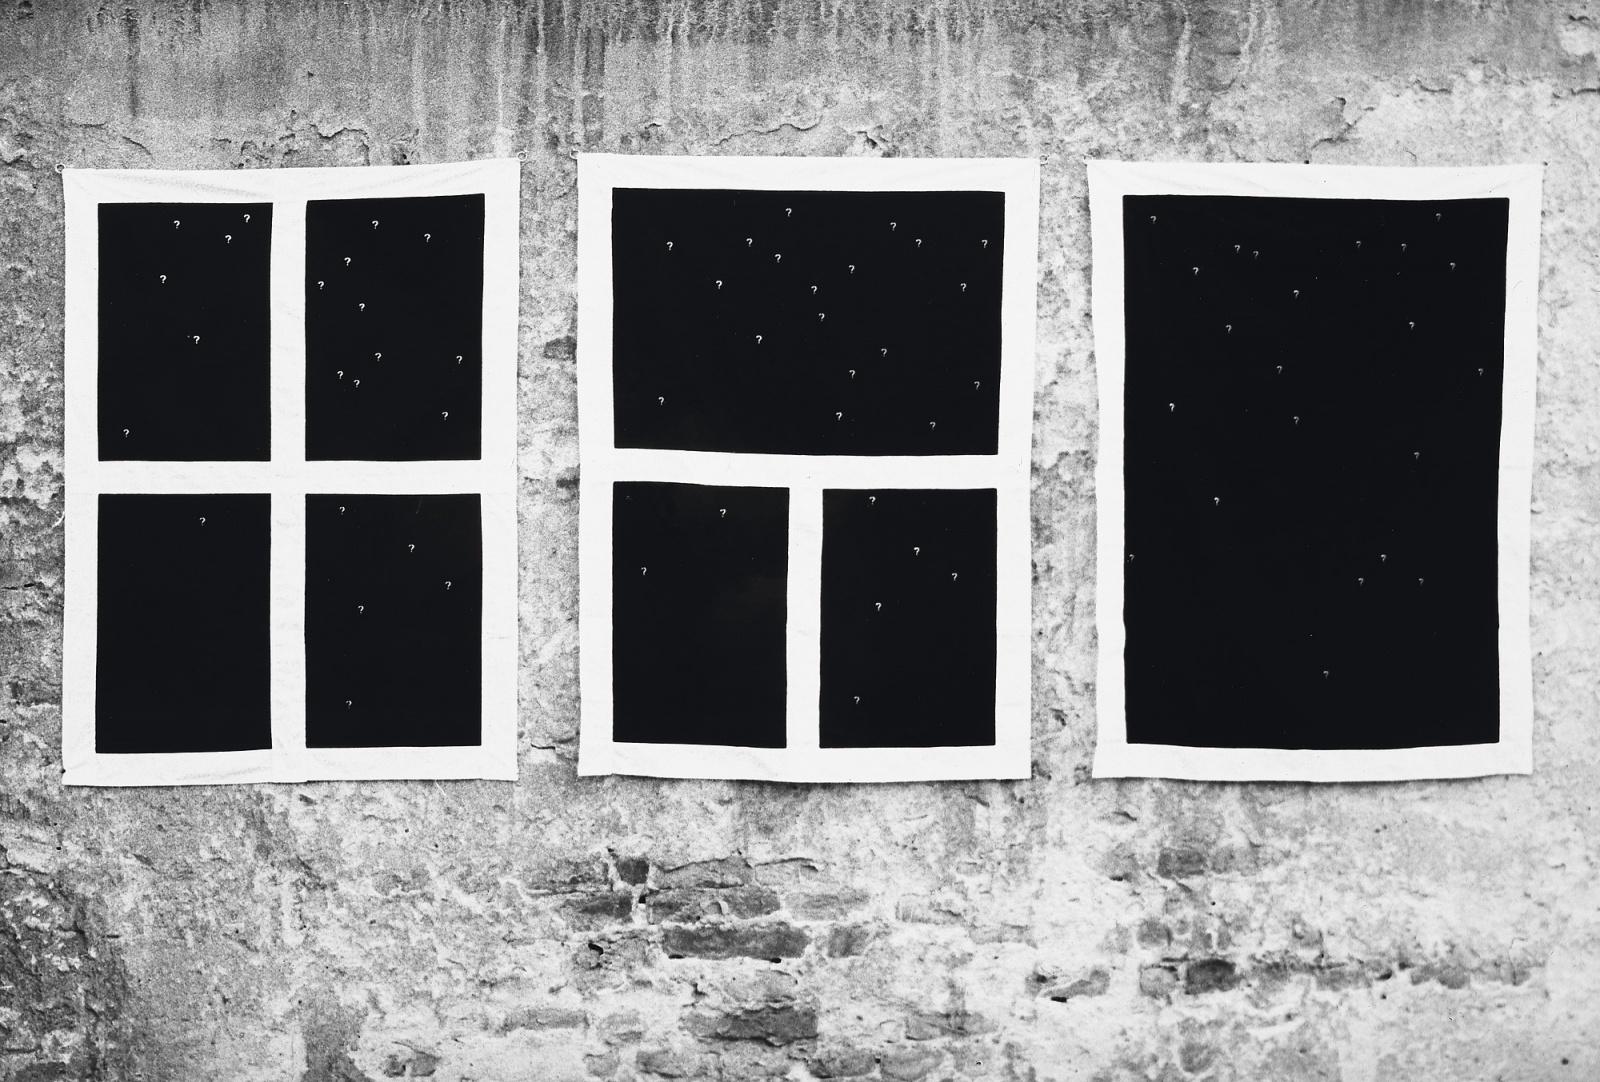 1977, Koán, fotografia, 27,7x39,3 cm